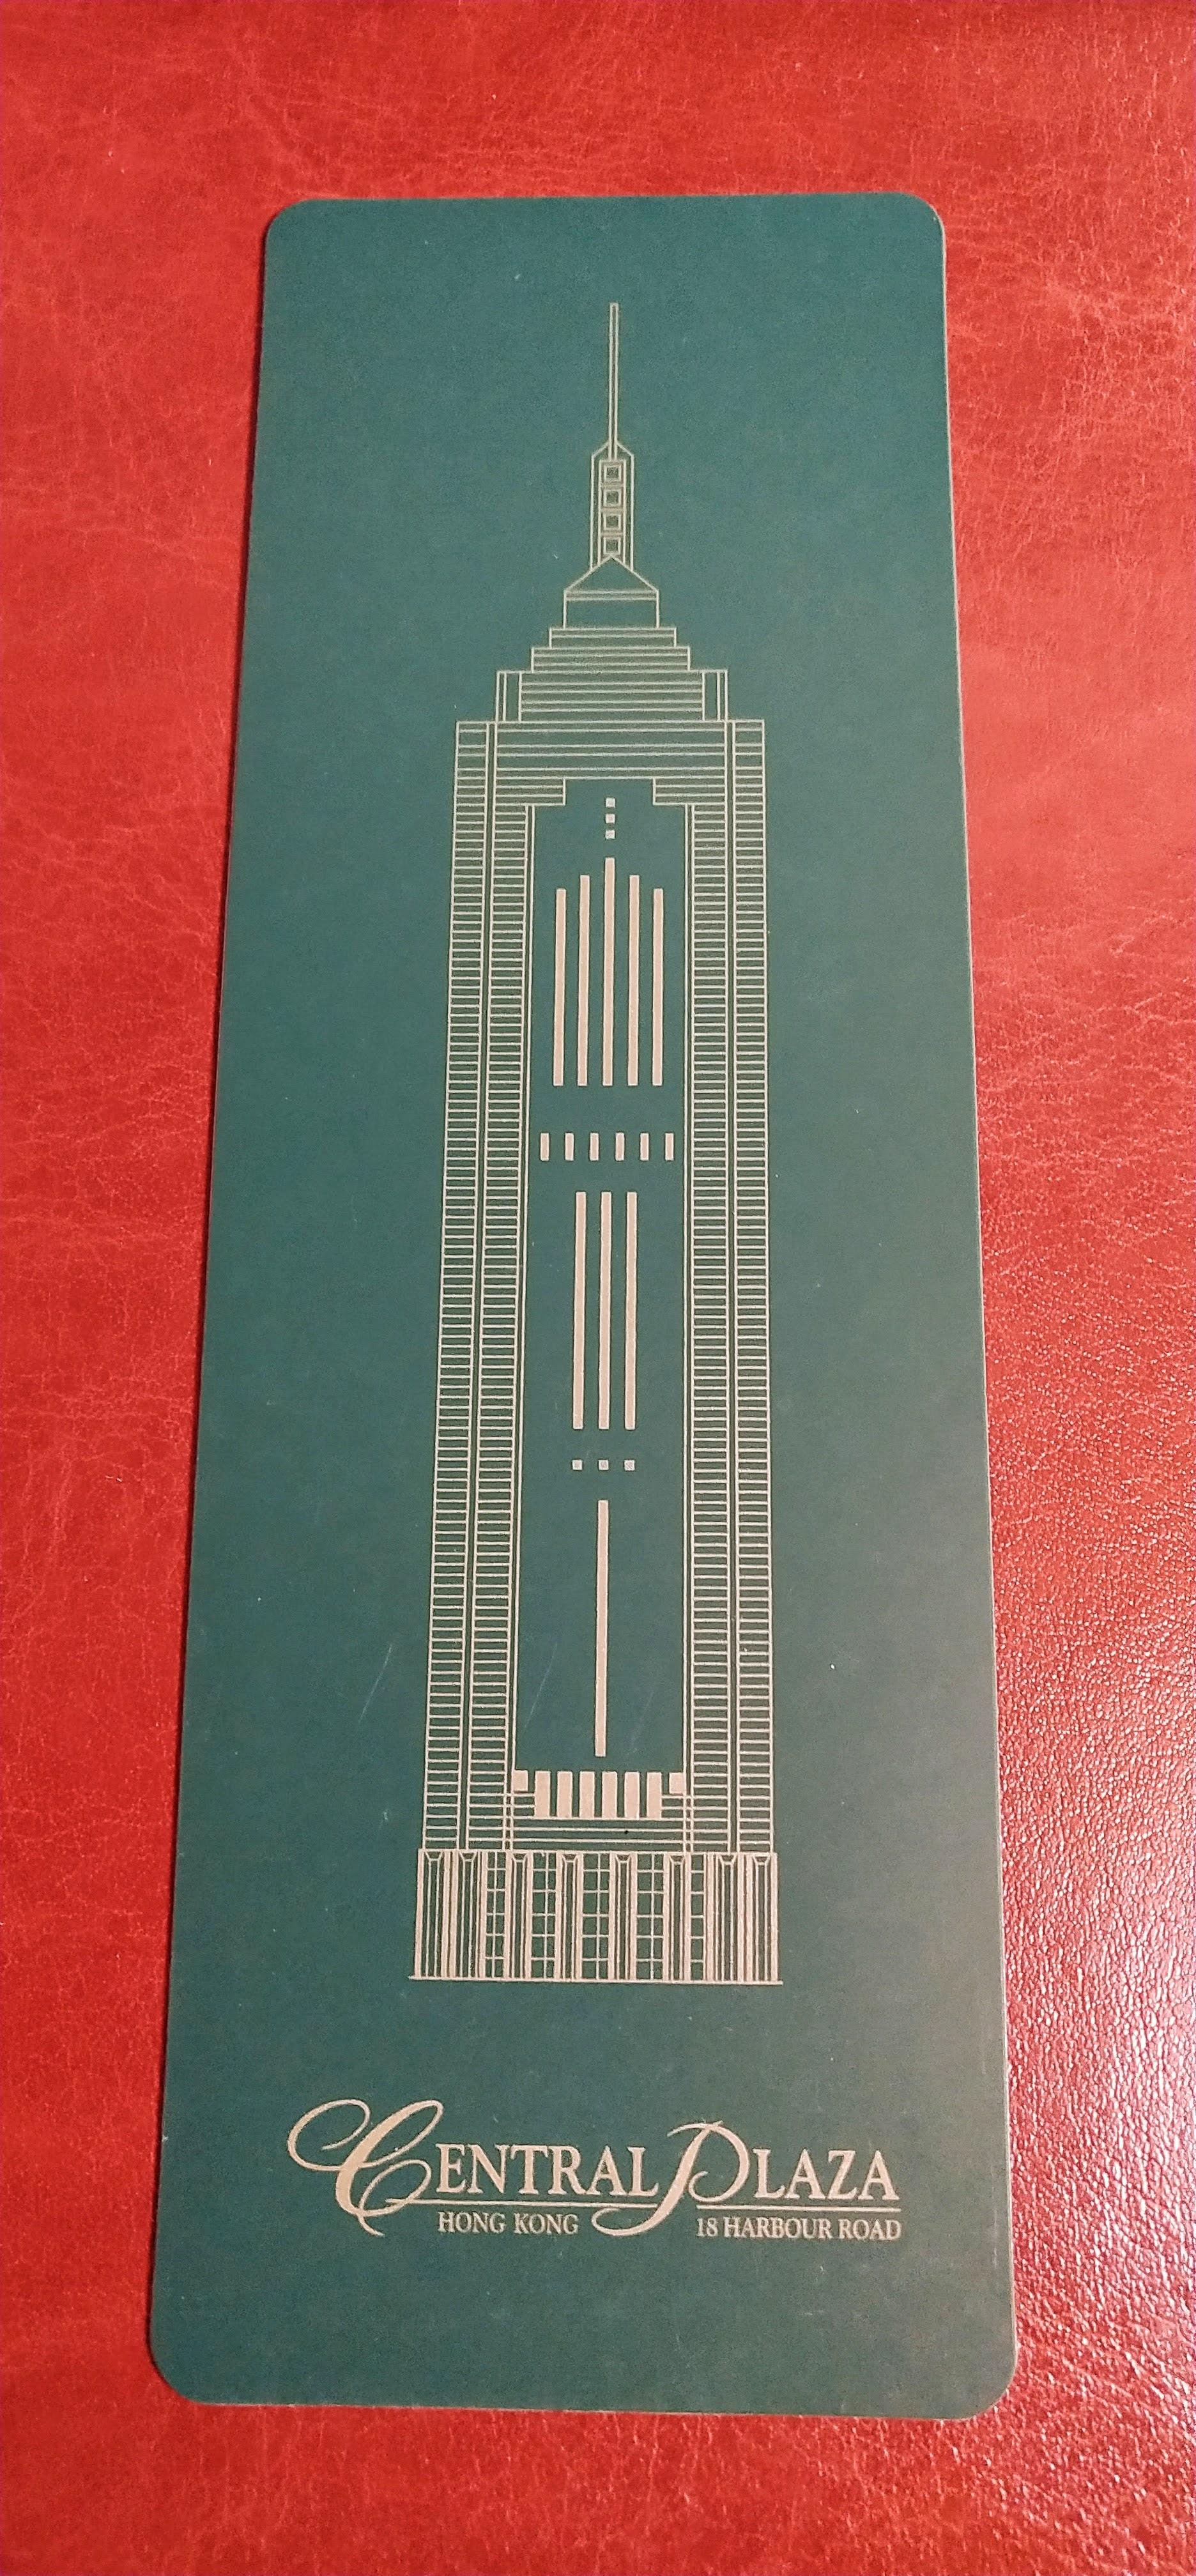 Souvenir, a bookmark, of Central Plaza